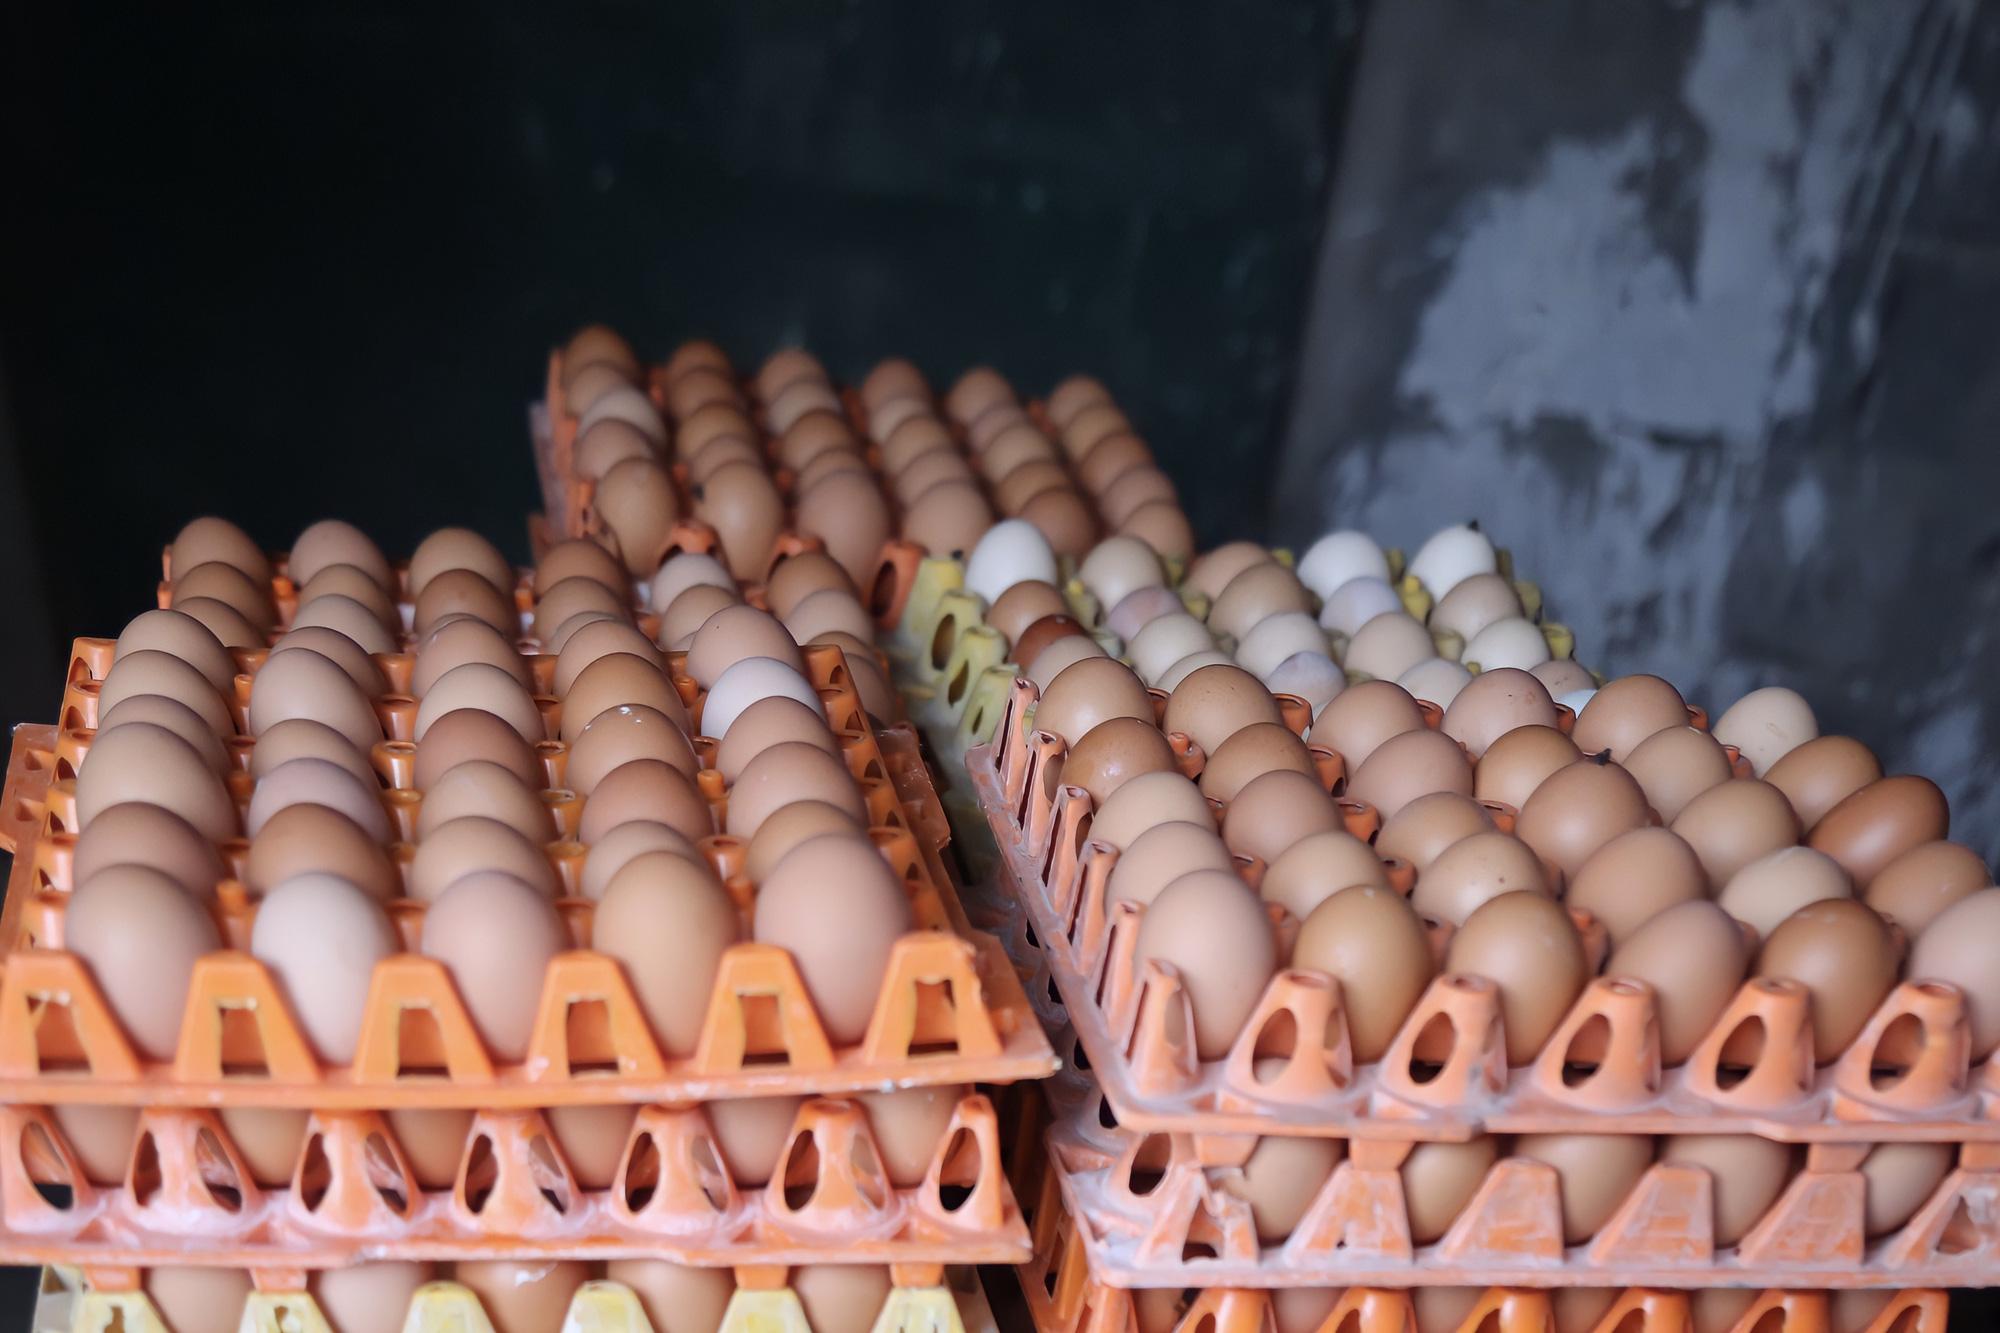 Kinh tế 24h: Bình Dương mỗi ngày ế đọng 2 triệu quả trứng - Ảnh 3.